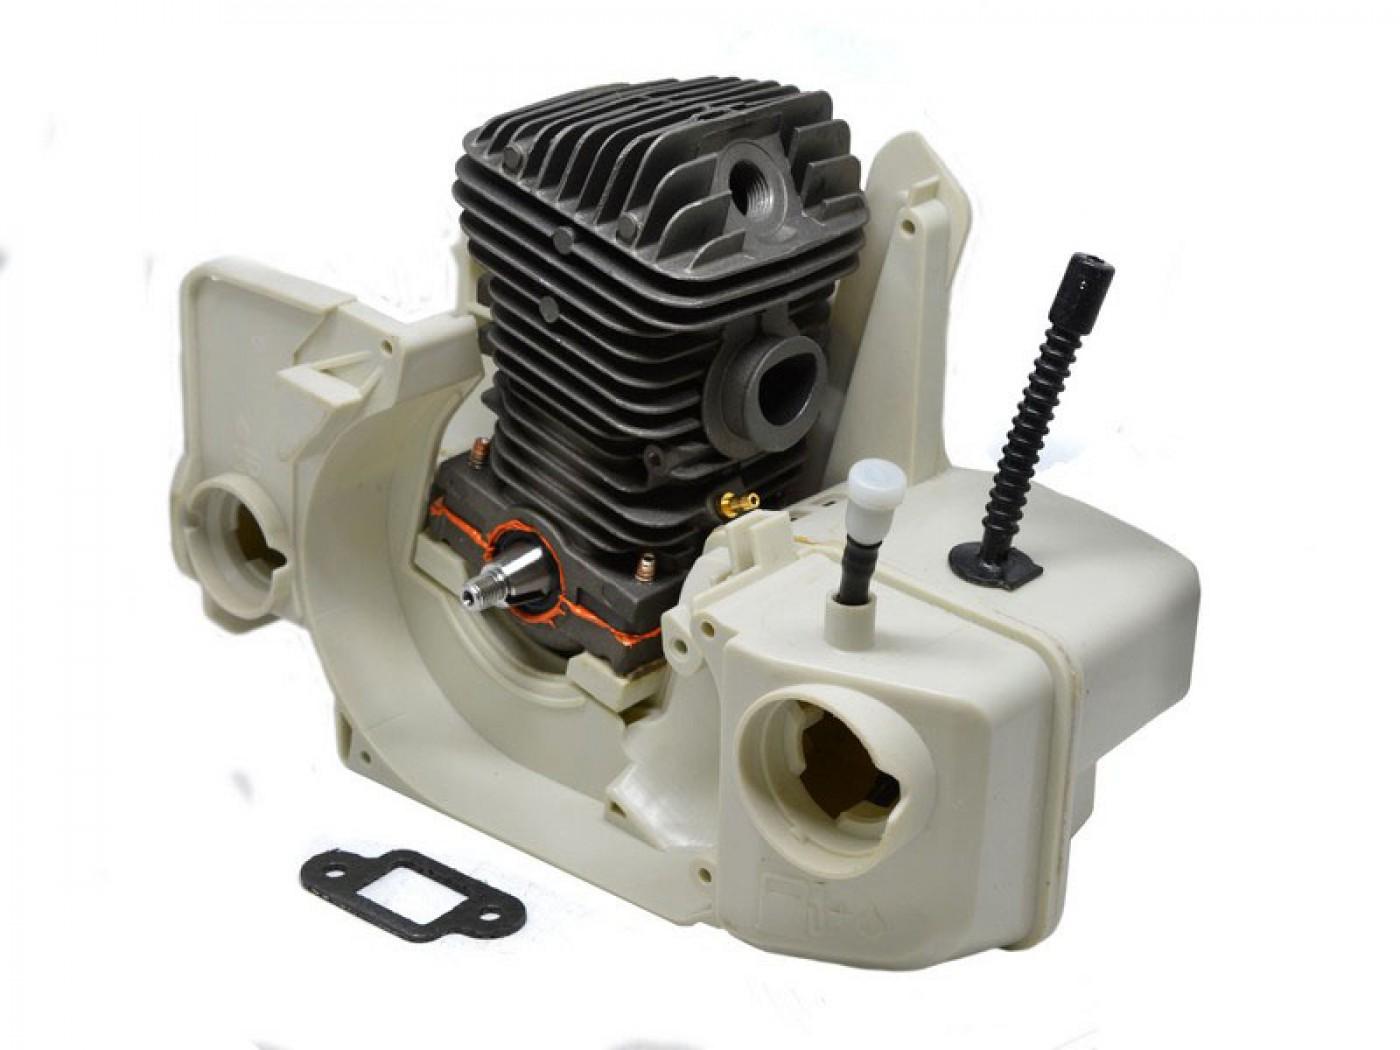 Stihl MS 210 MS230 MS250 021 023 025 Motor + kliková skříň AKCE sleva 1200 Kč